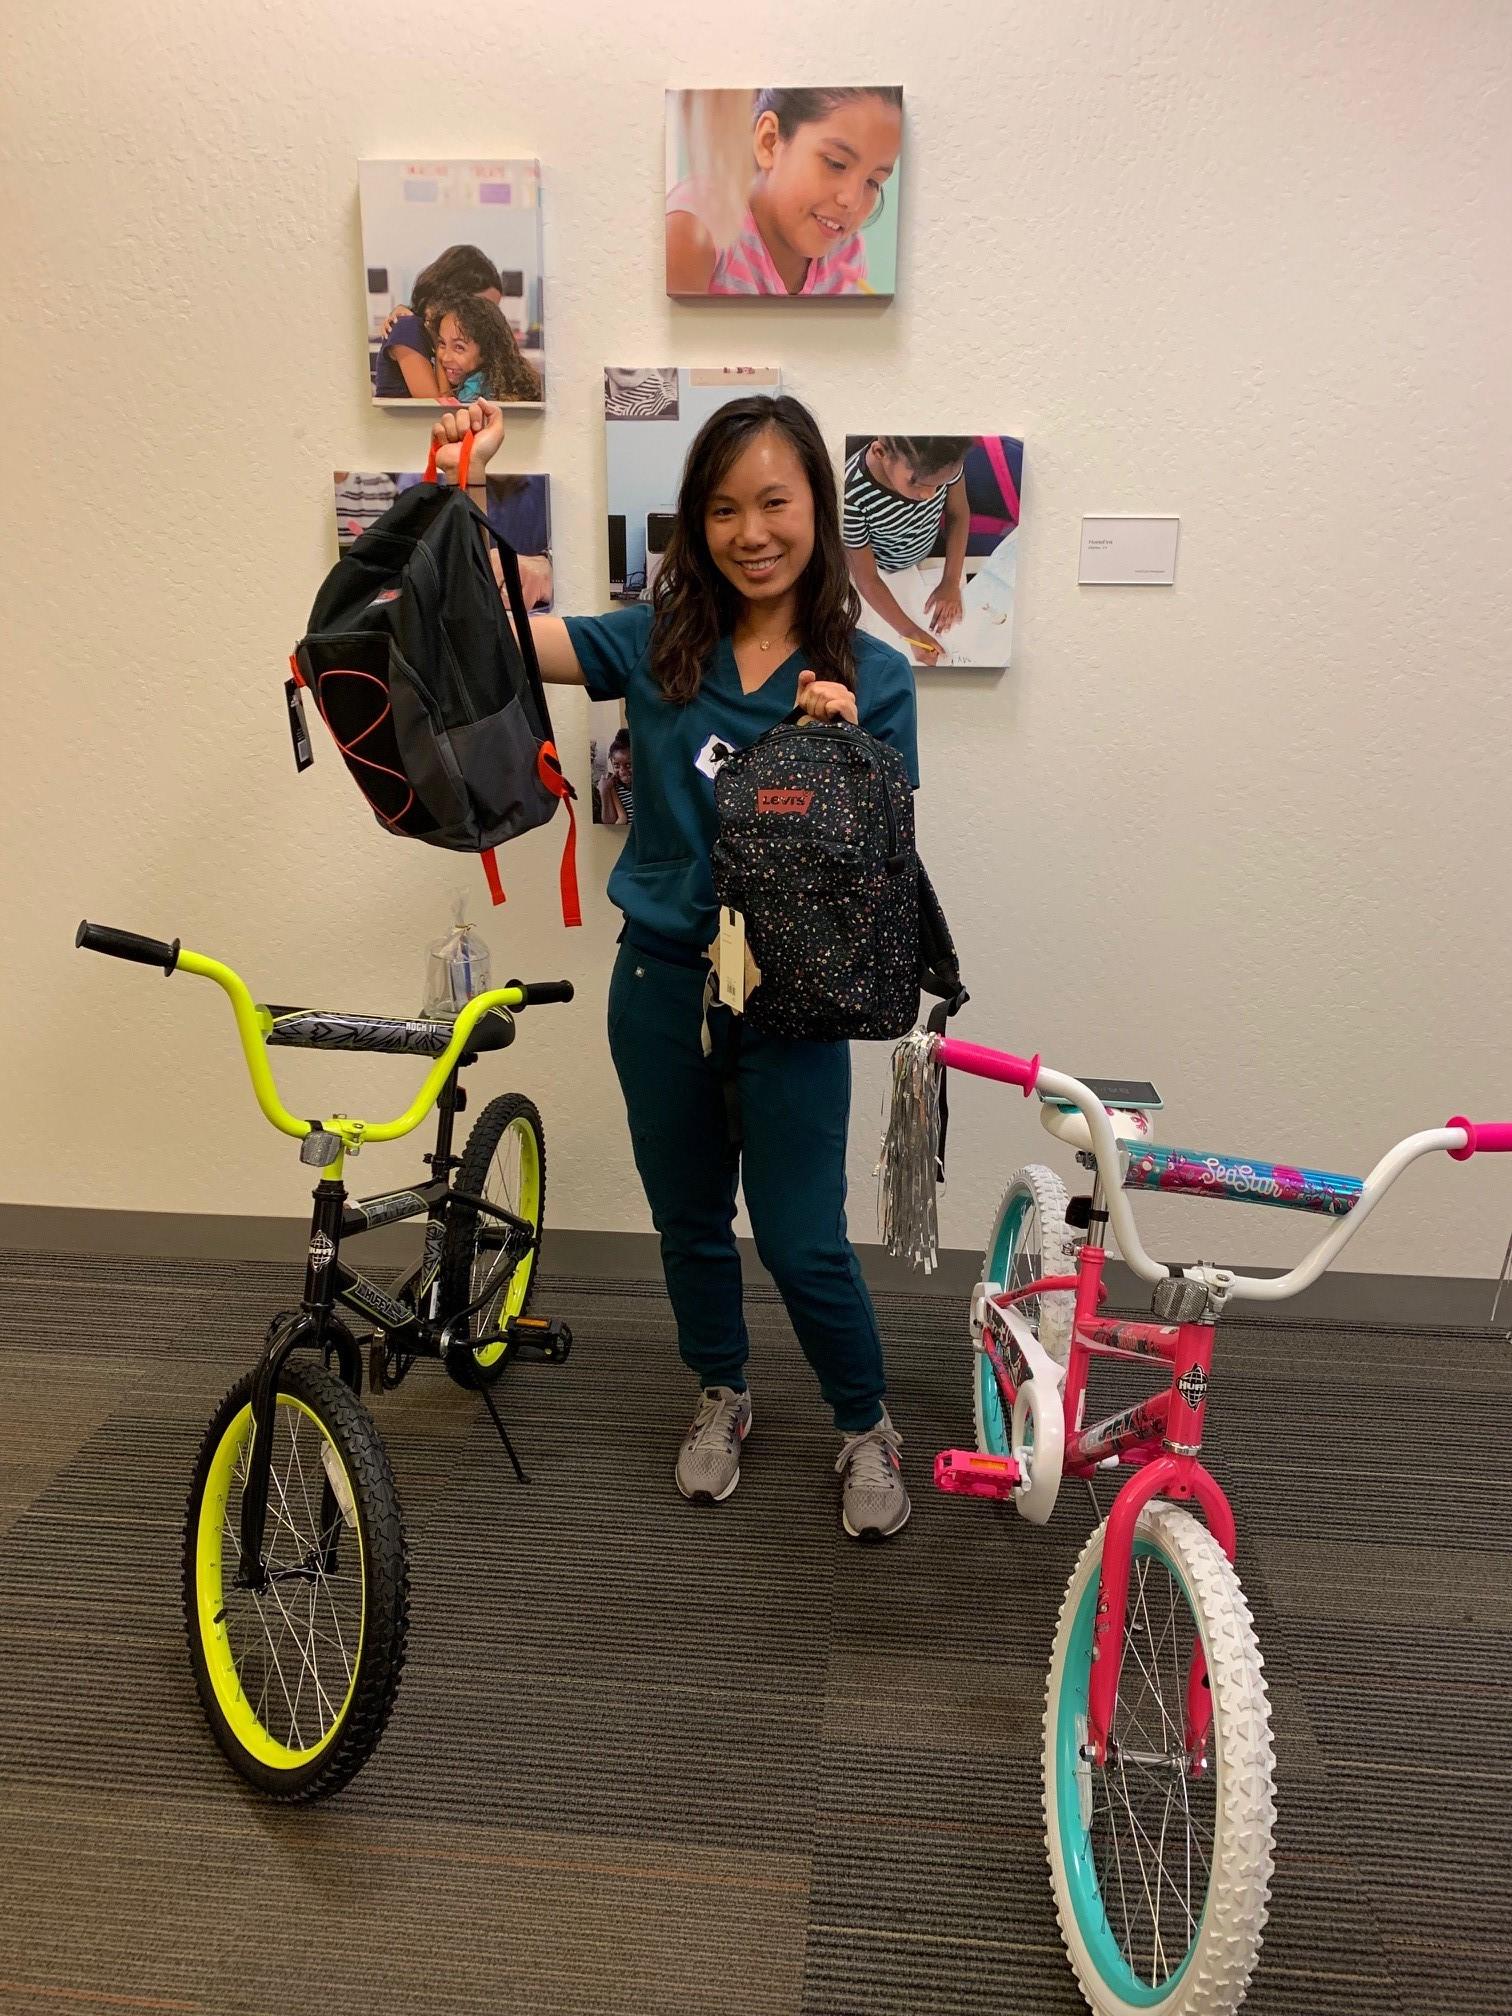 backpack and bike.jpg